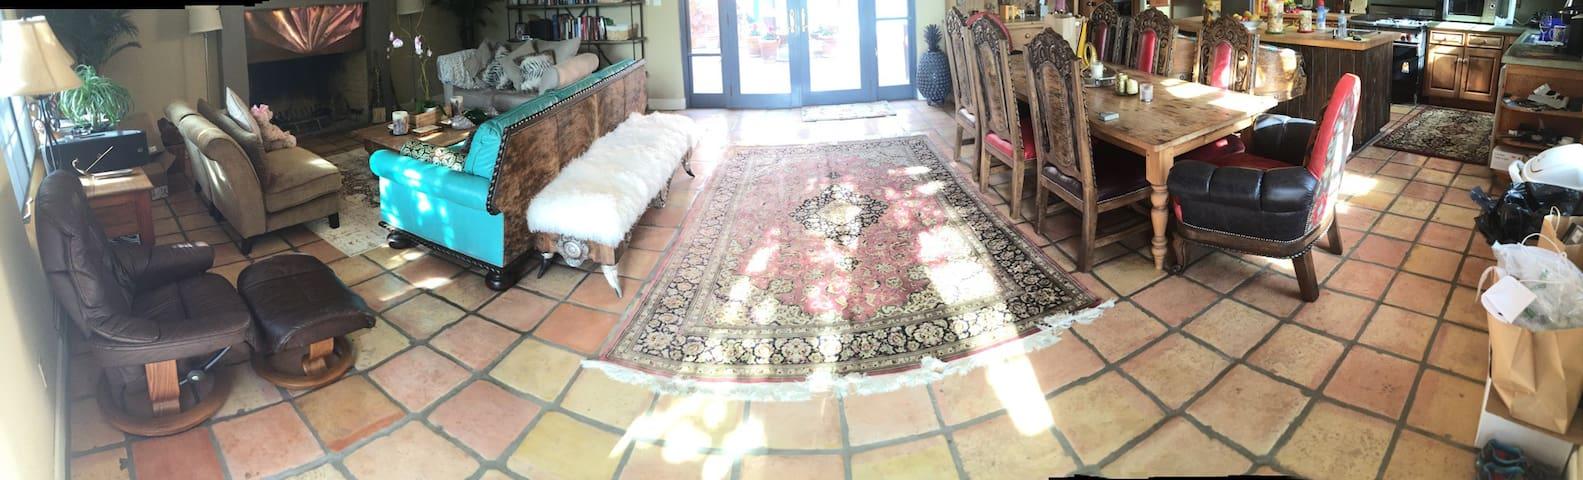 Main family room